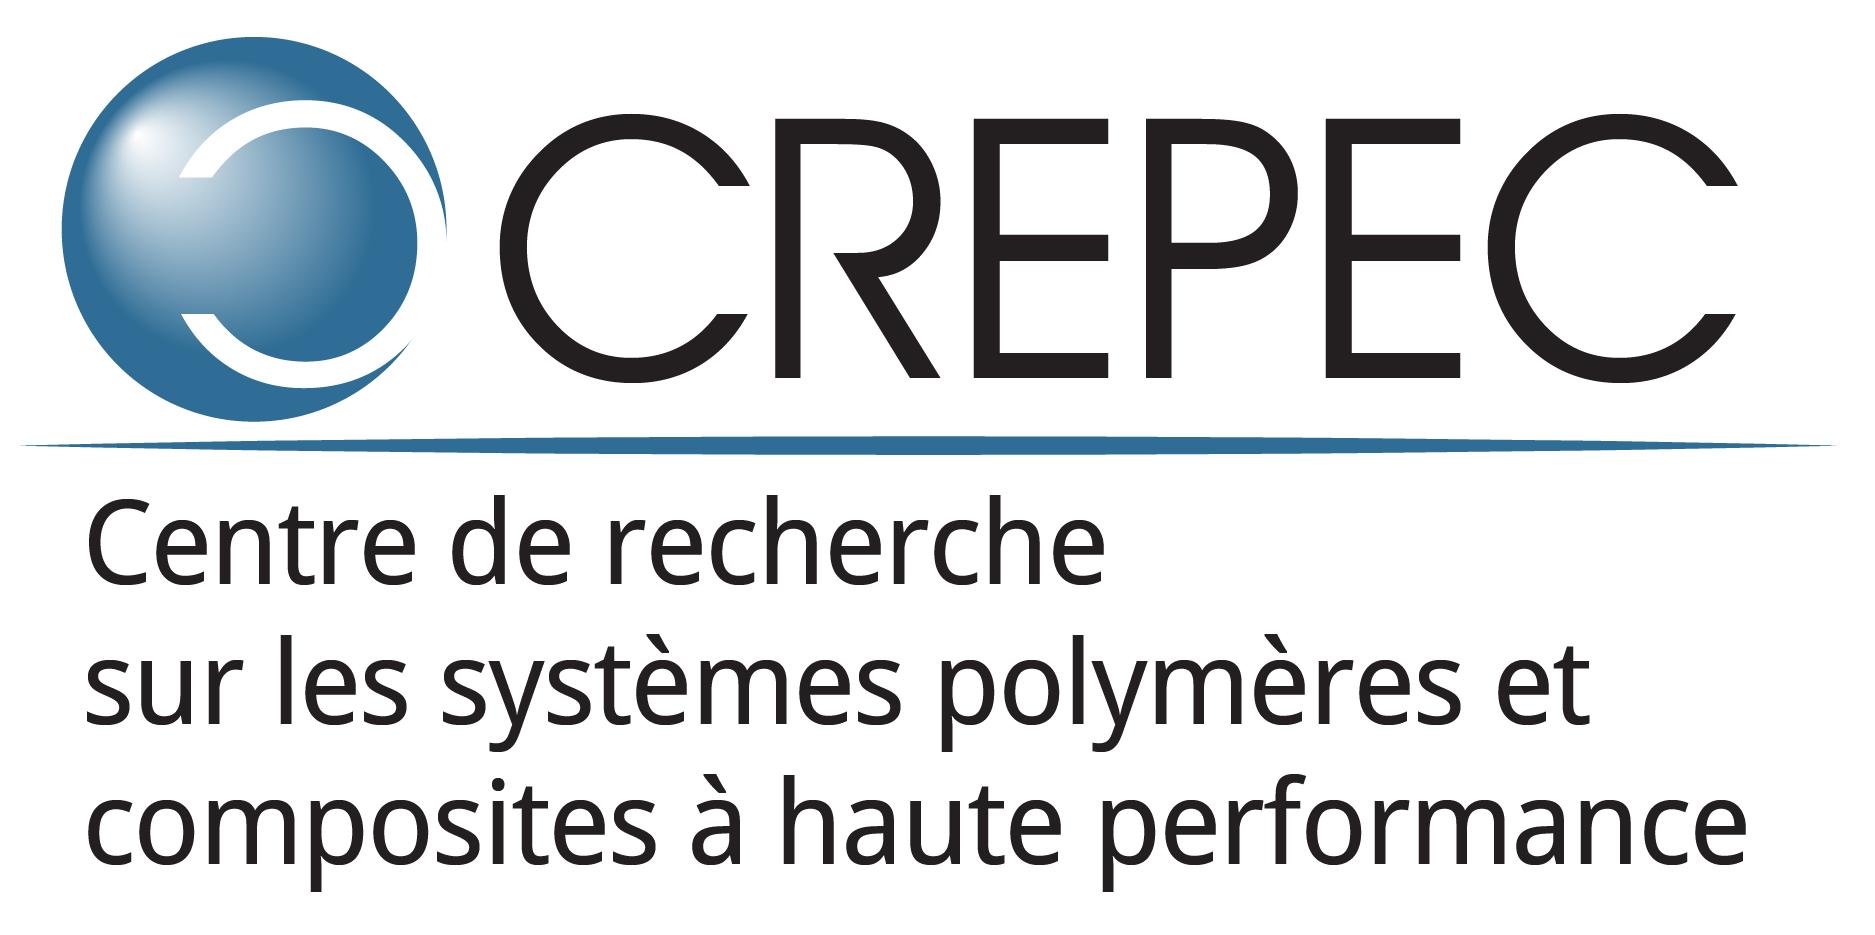 crepecLogo2016_FR_Gros